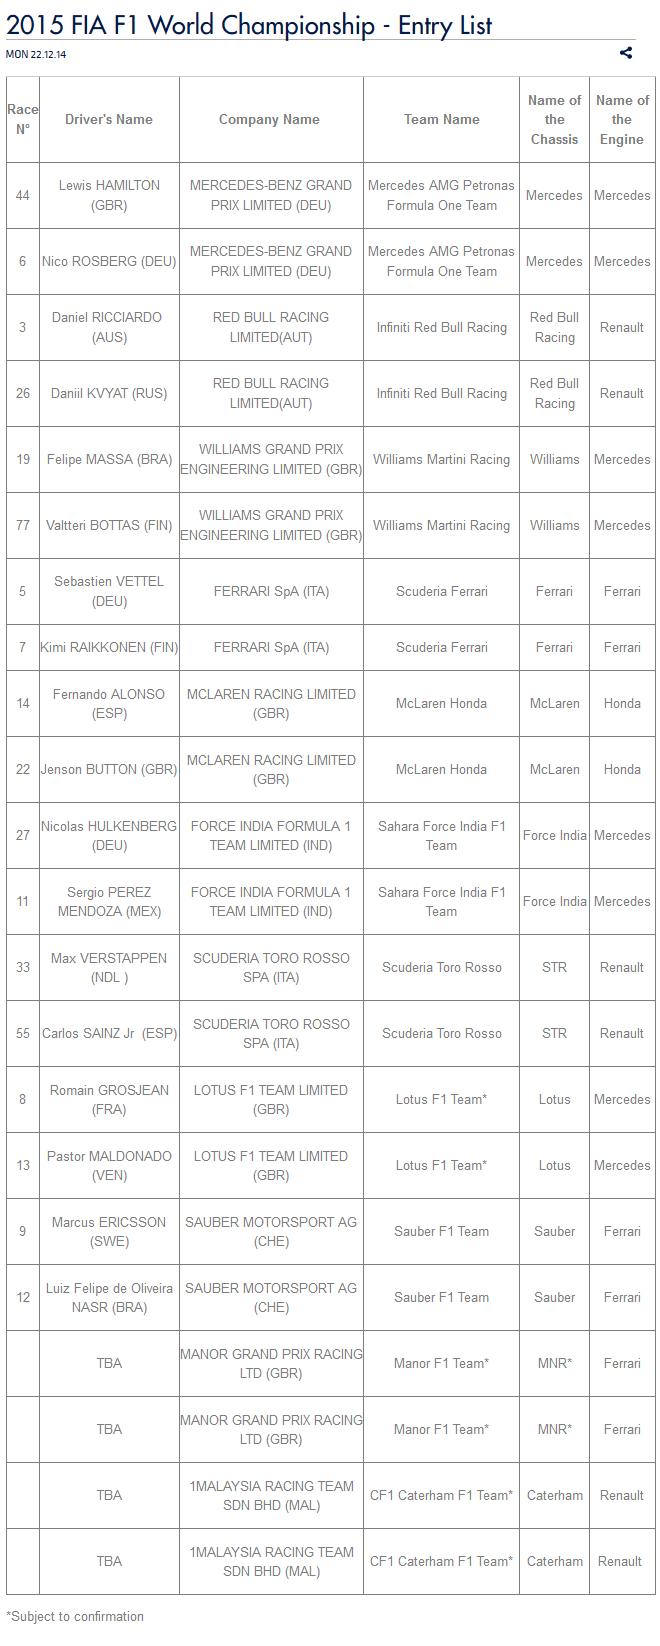 Lista de entradas da Fórmula 1 para a temporada 2015 (Foto: Reprodução)